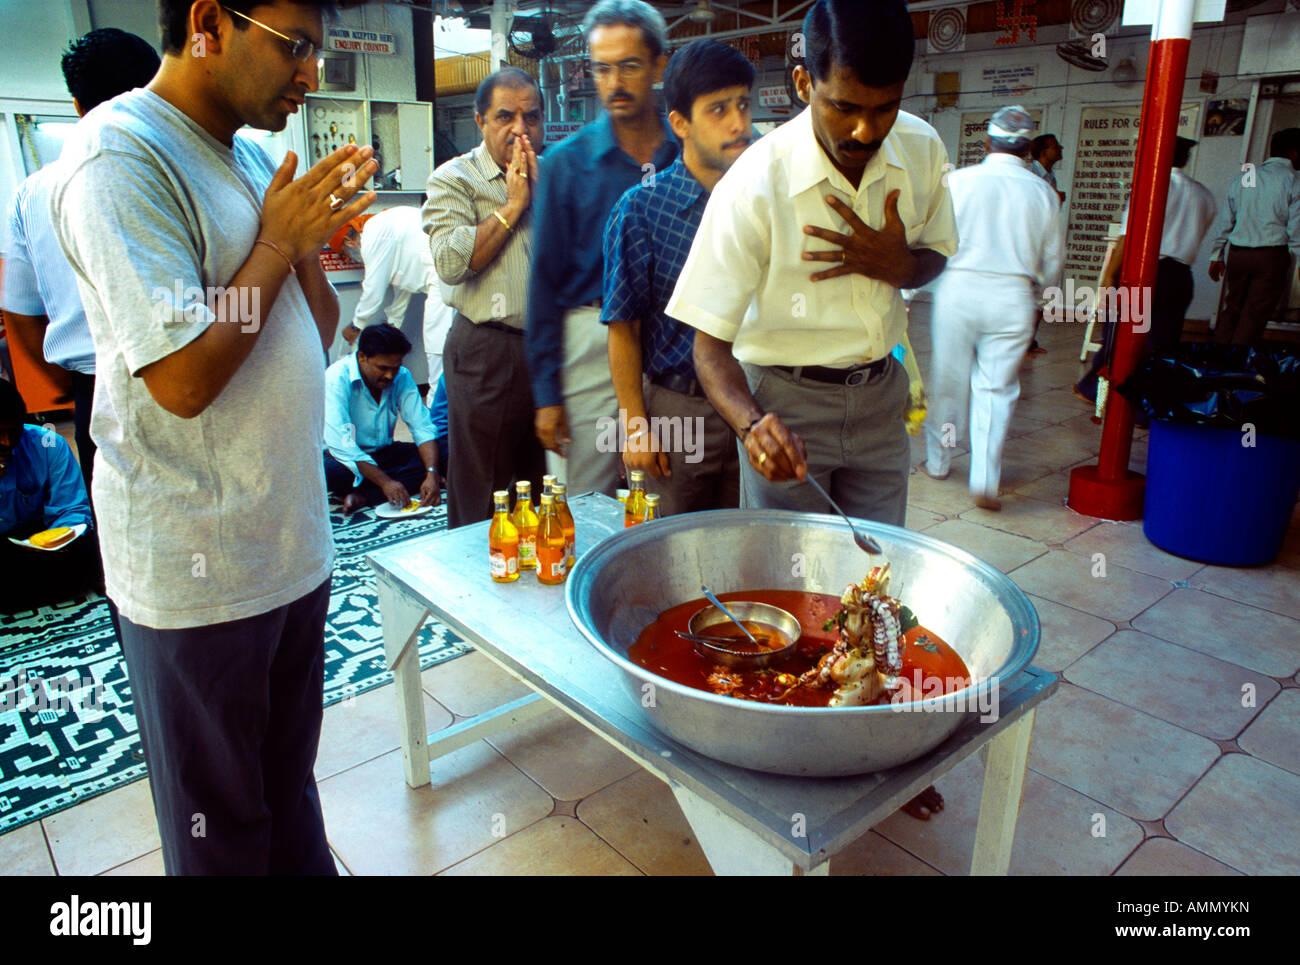 Dubai Uae Bur Dubai Man Bathing Hanuman And Praying At